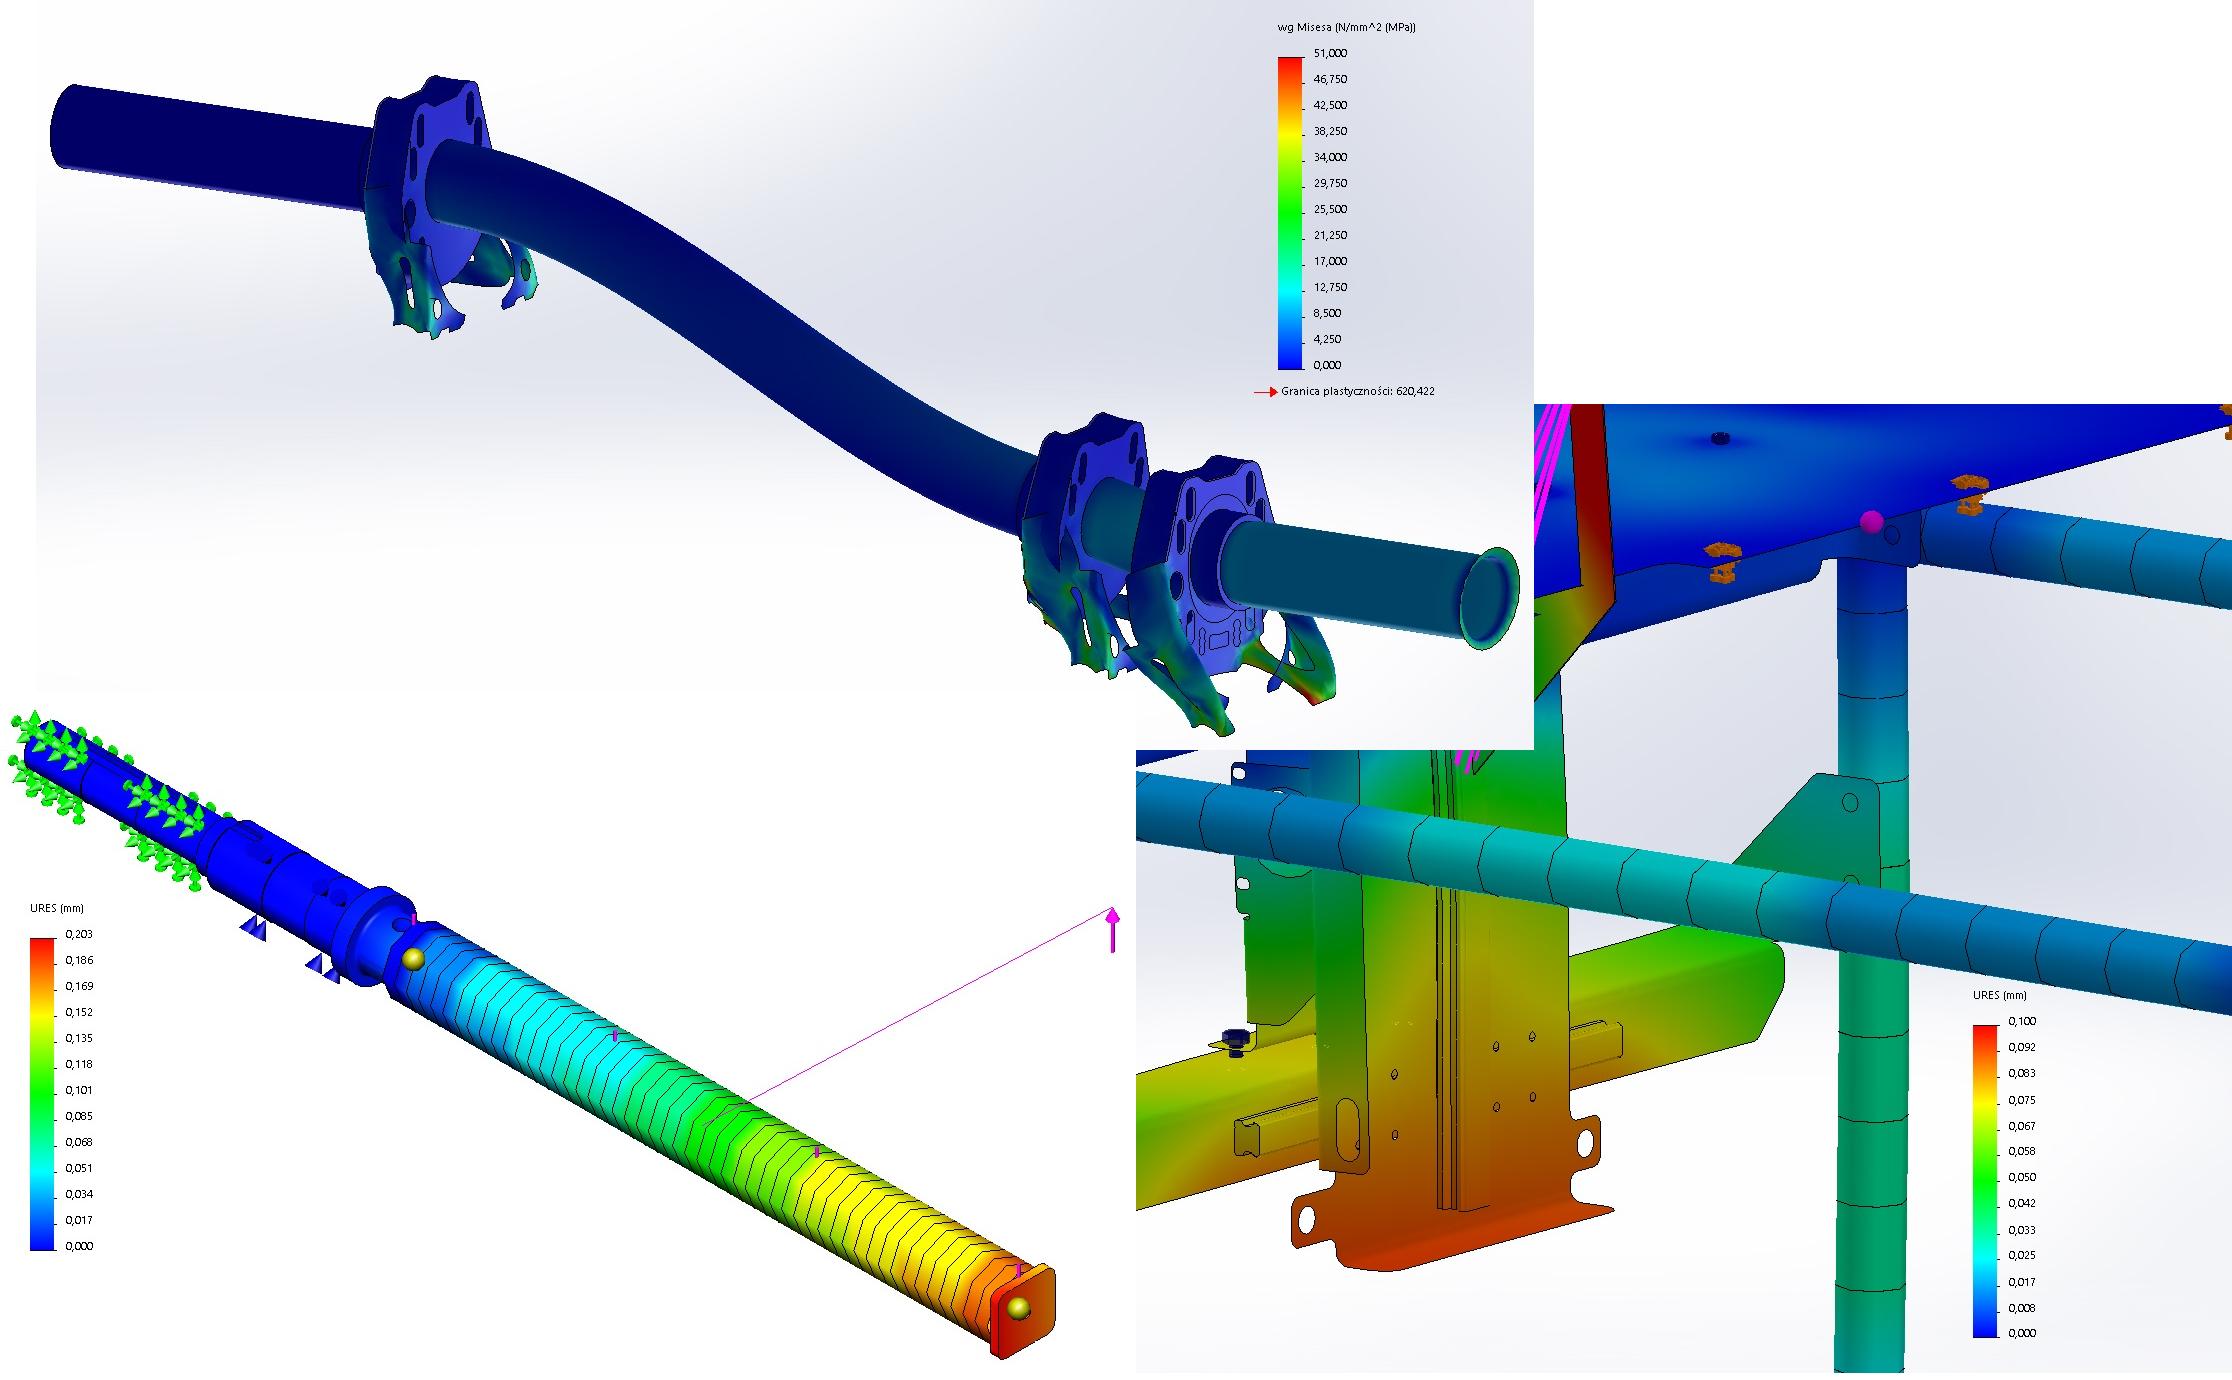 Budowa maszyn - analizy metodą MES